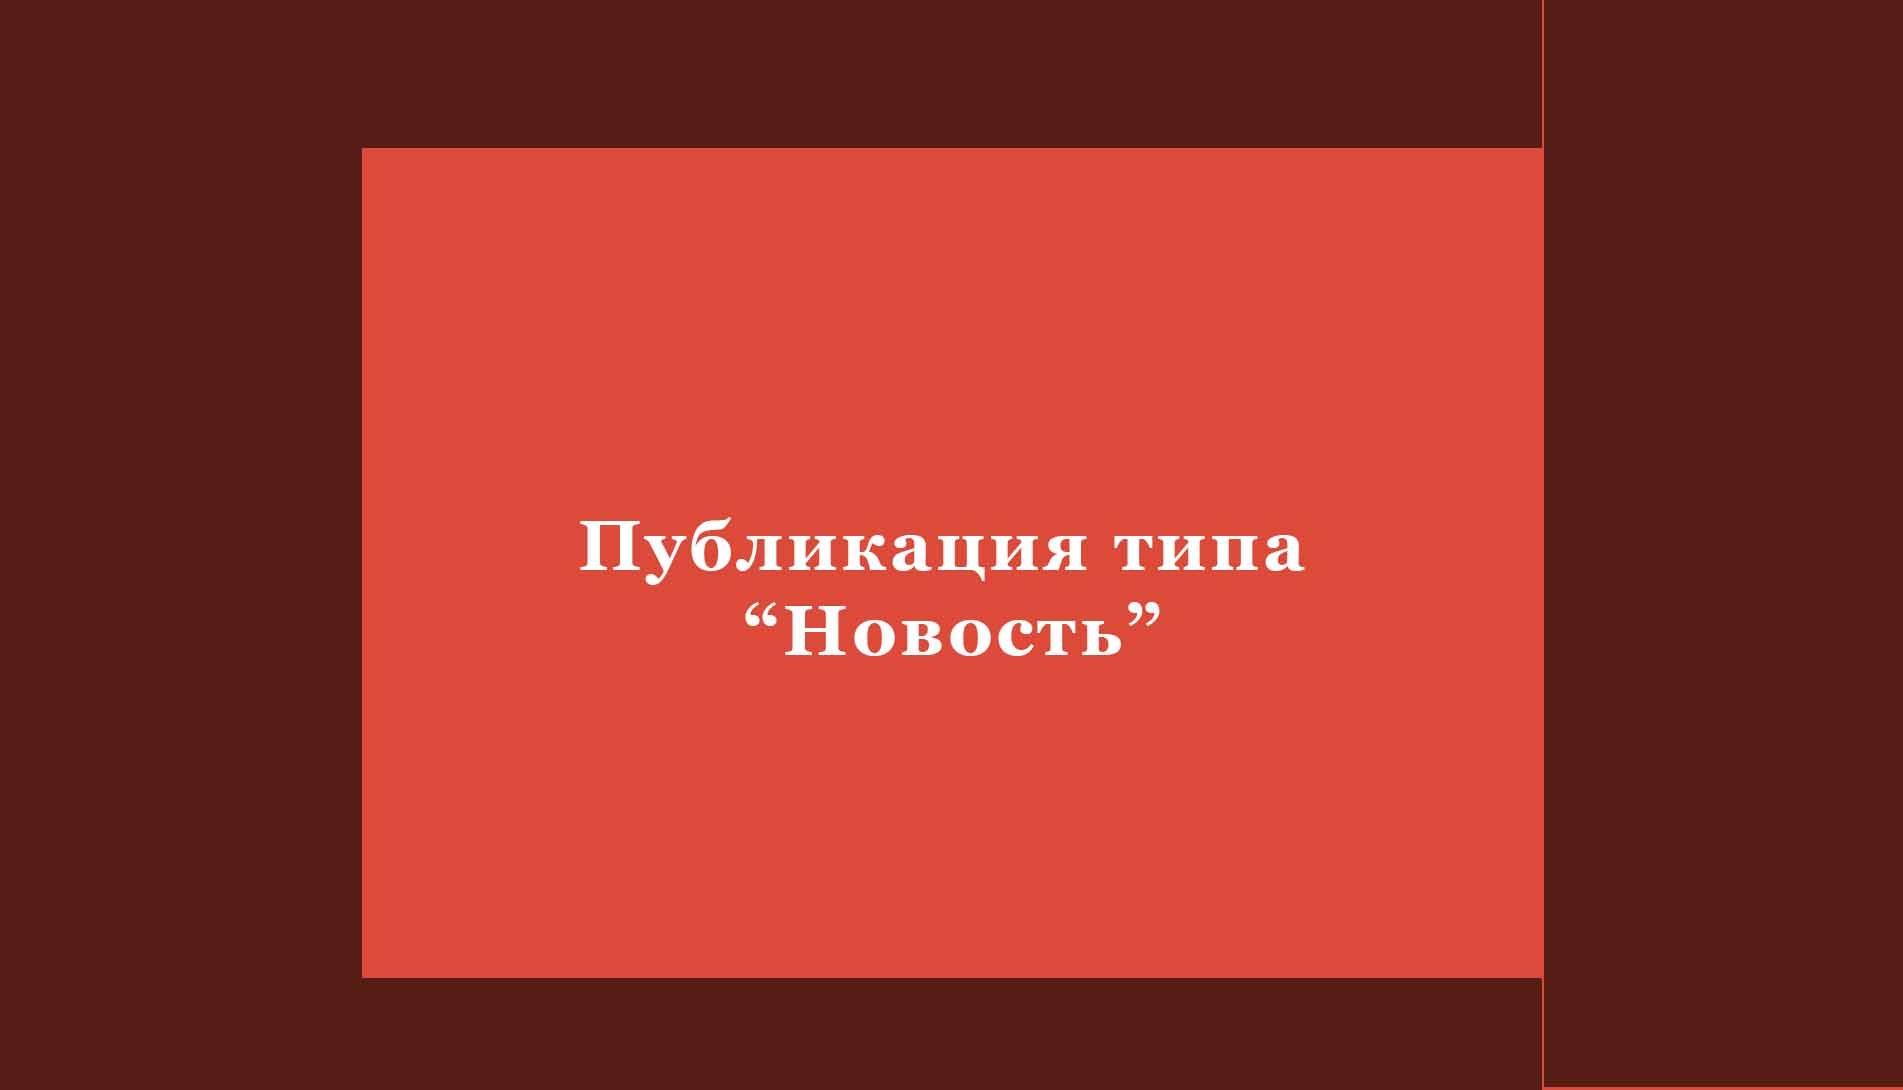 5_novost_glavnaya_fotografiya_publikacii_.jpg